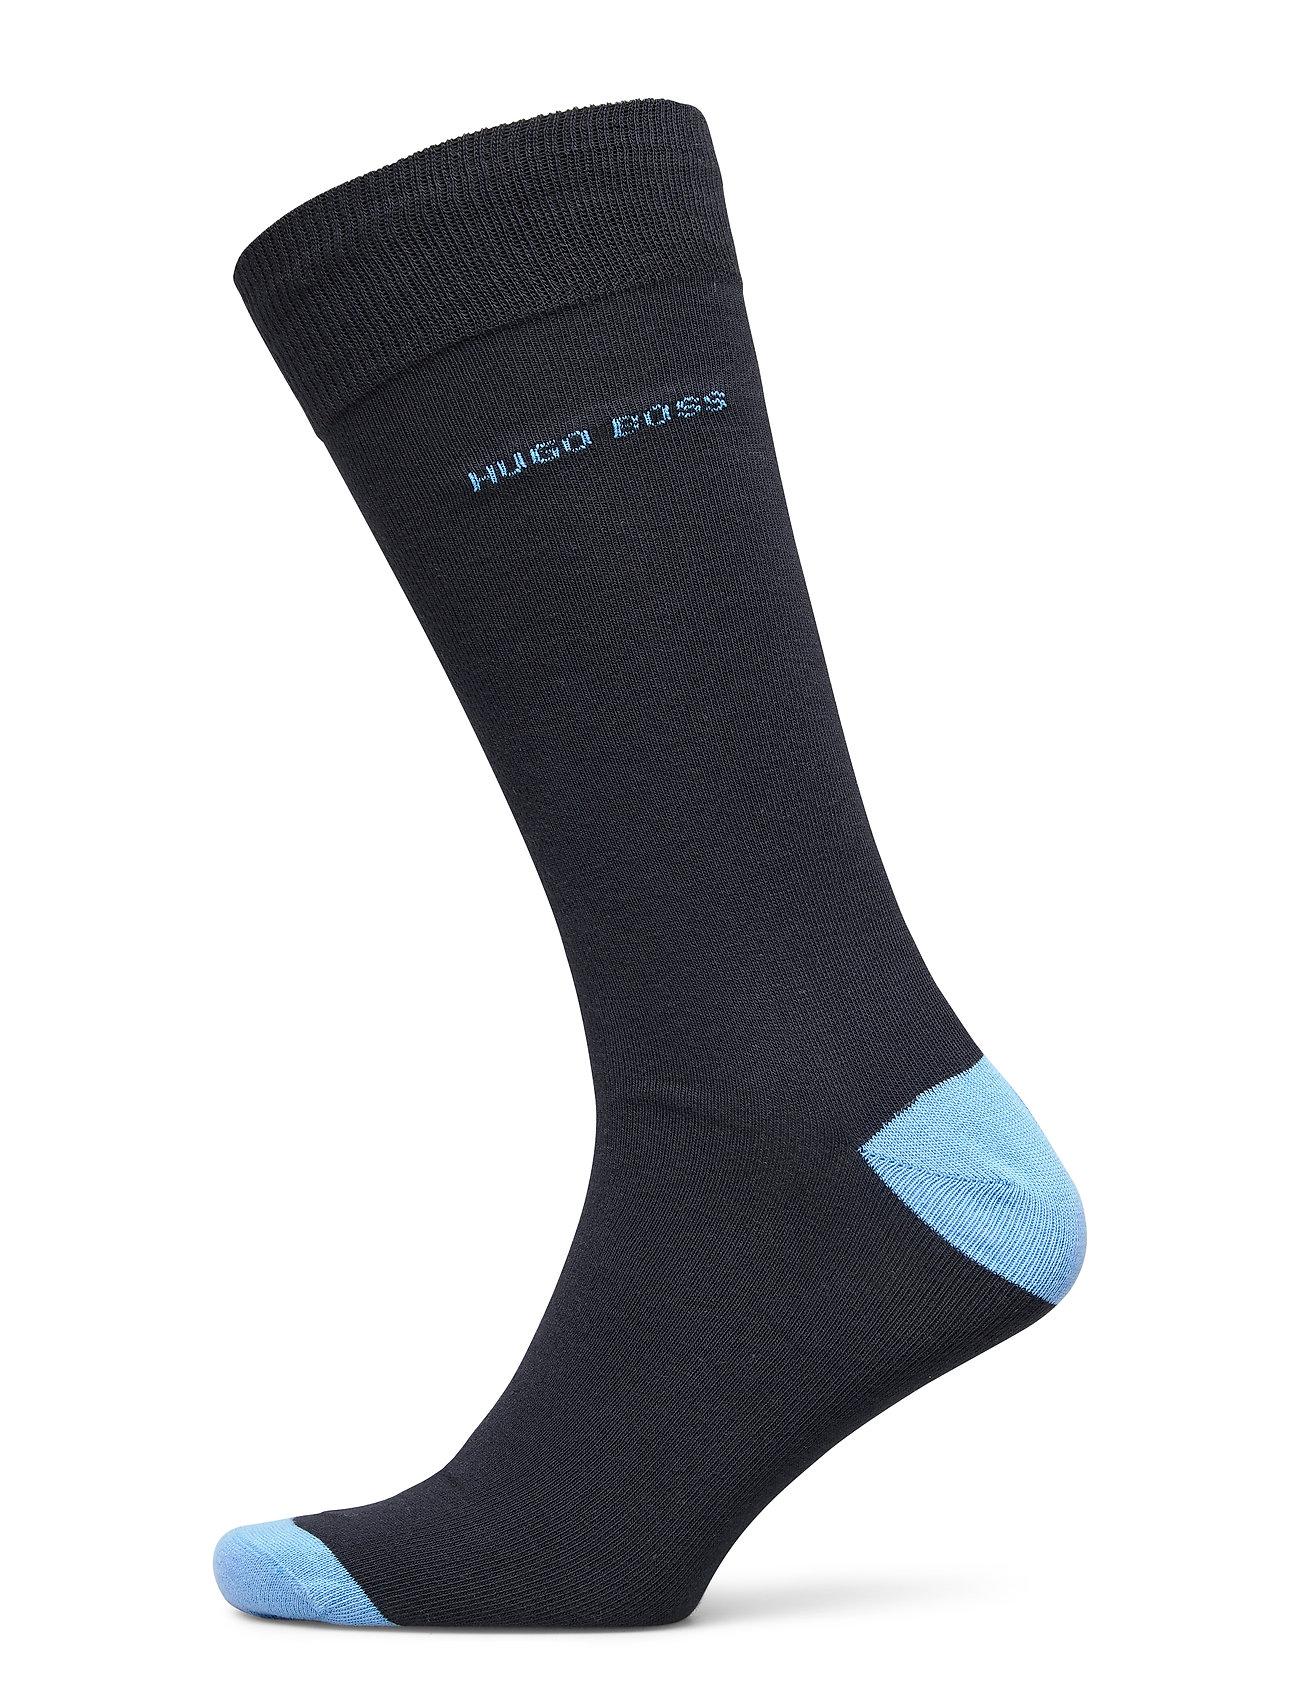 Image of 2p Rs Heel&Toe Cc Underwear Socks Regular Socks Blå BOSS (3430432699)